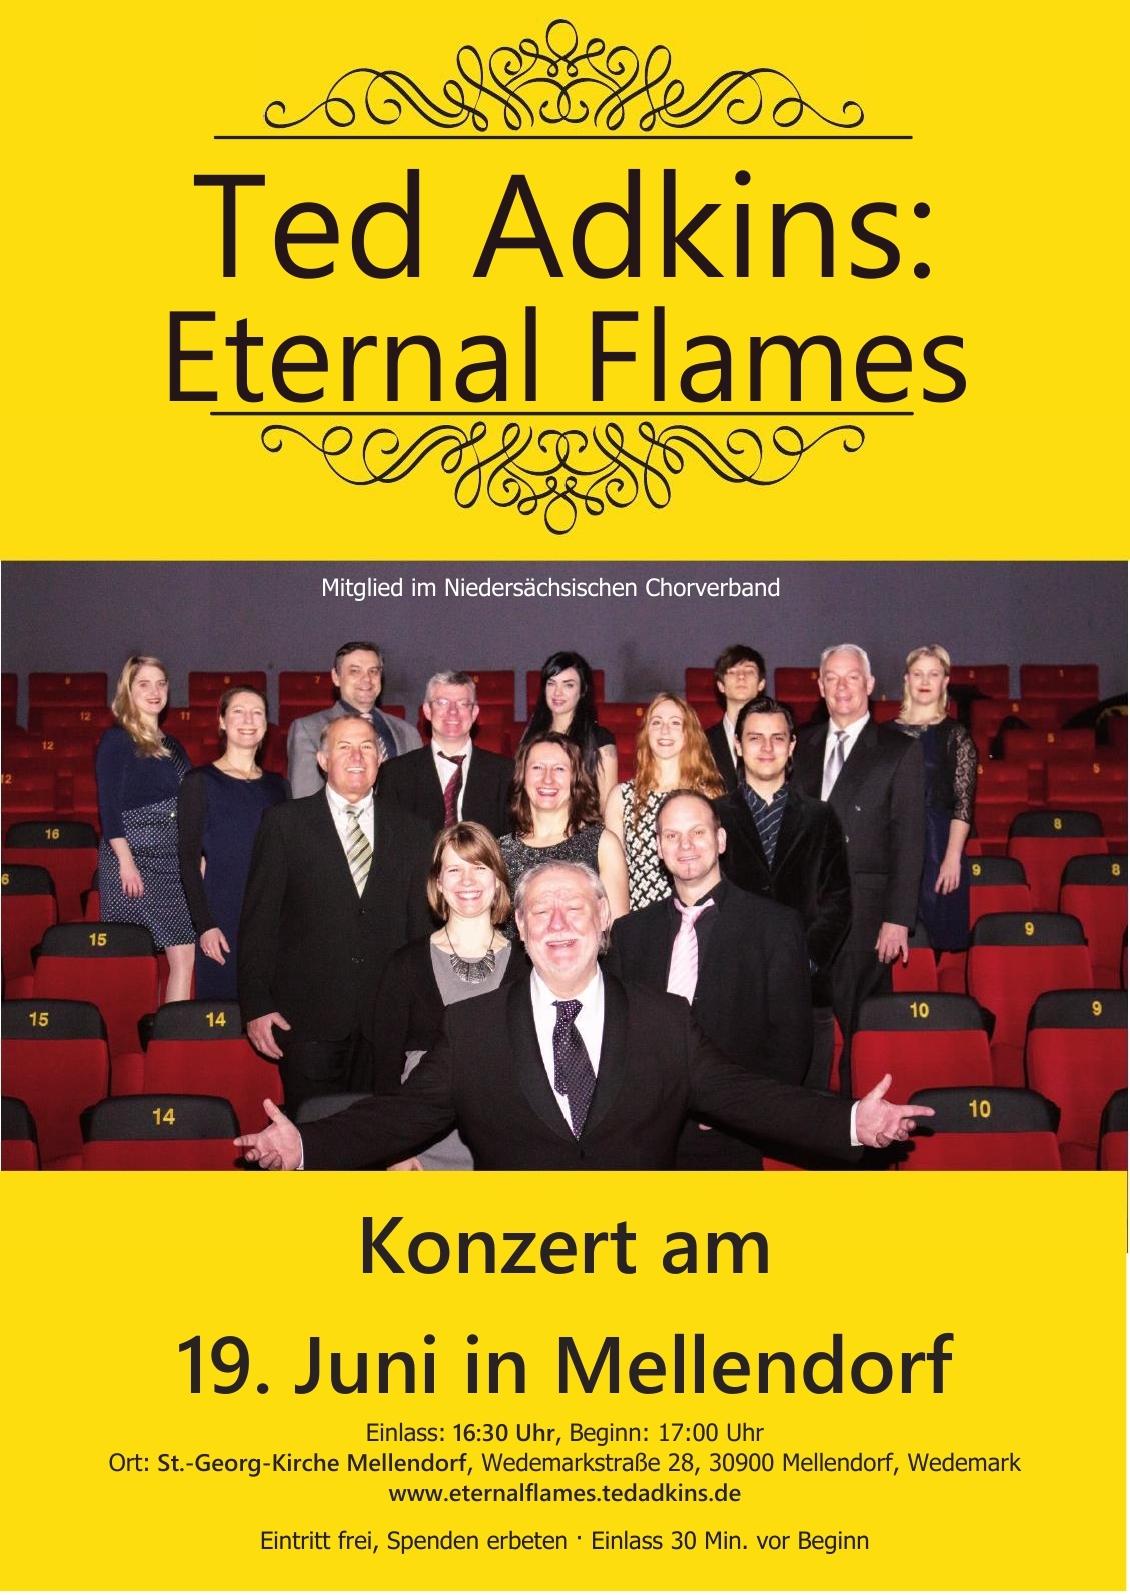 Konzert am 19. Juni in Mellendorf        (Achtung: Termin geändert)